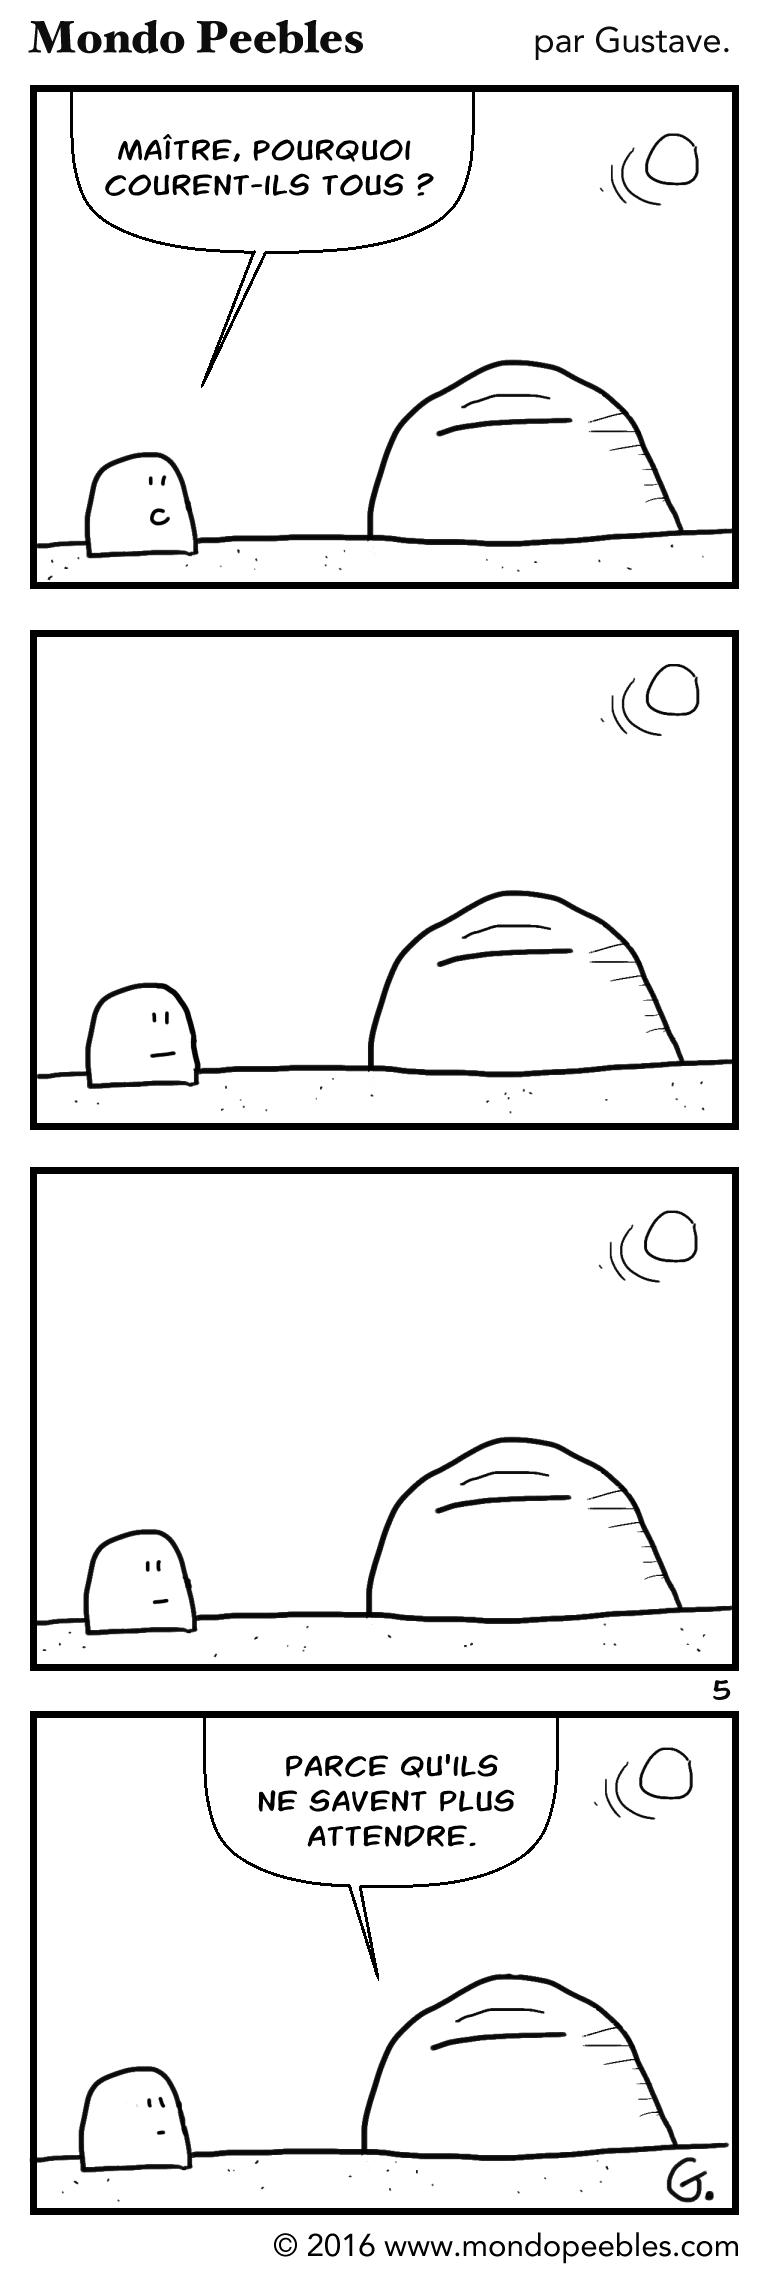 Mondopeebles05